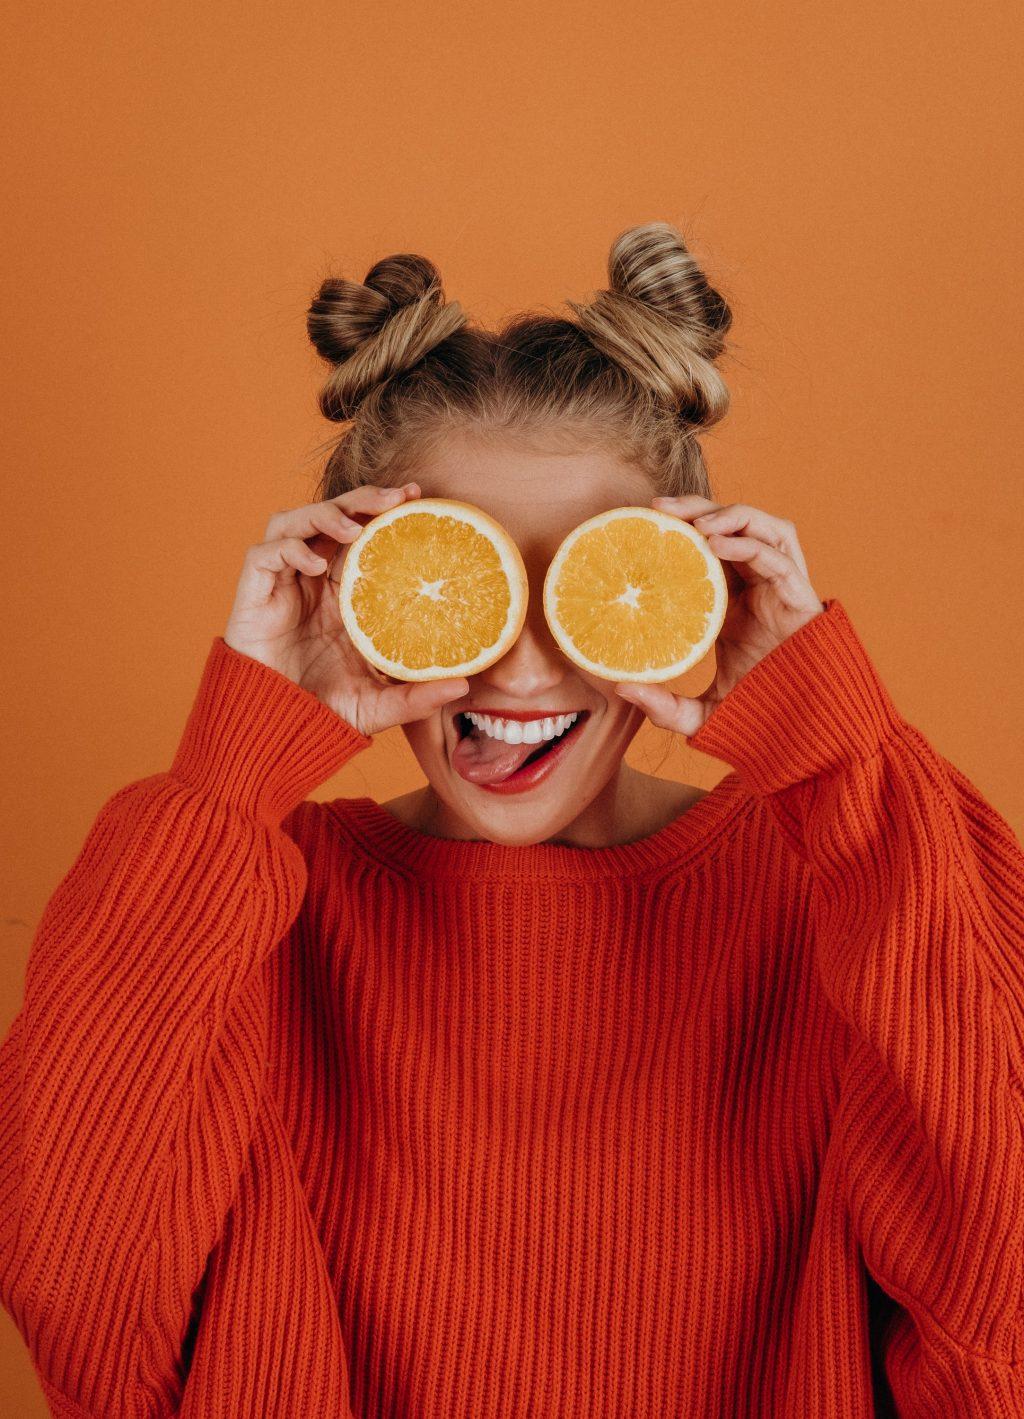 Vitamin C được tìm thấy trong nhiều loại thực phẩm